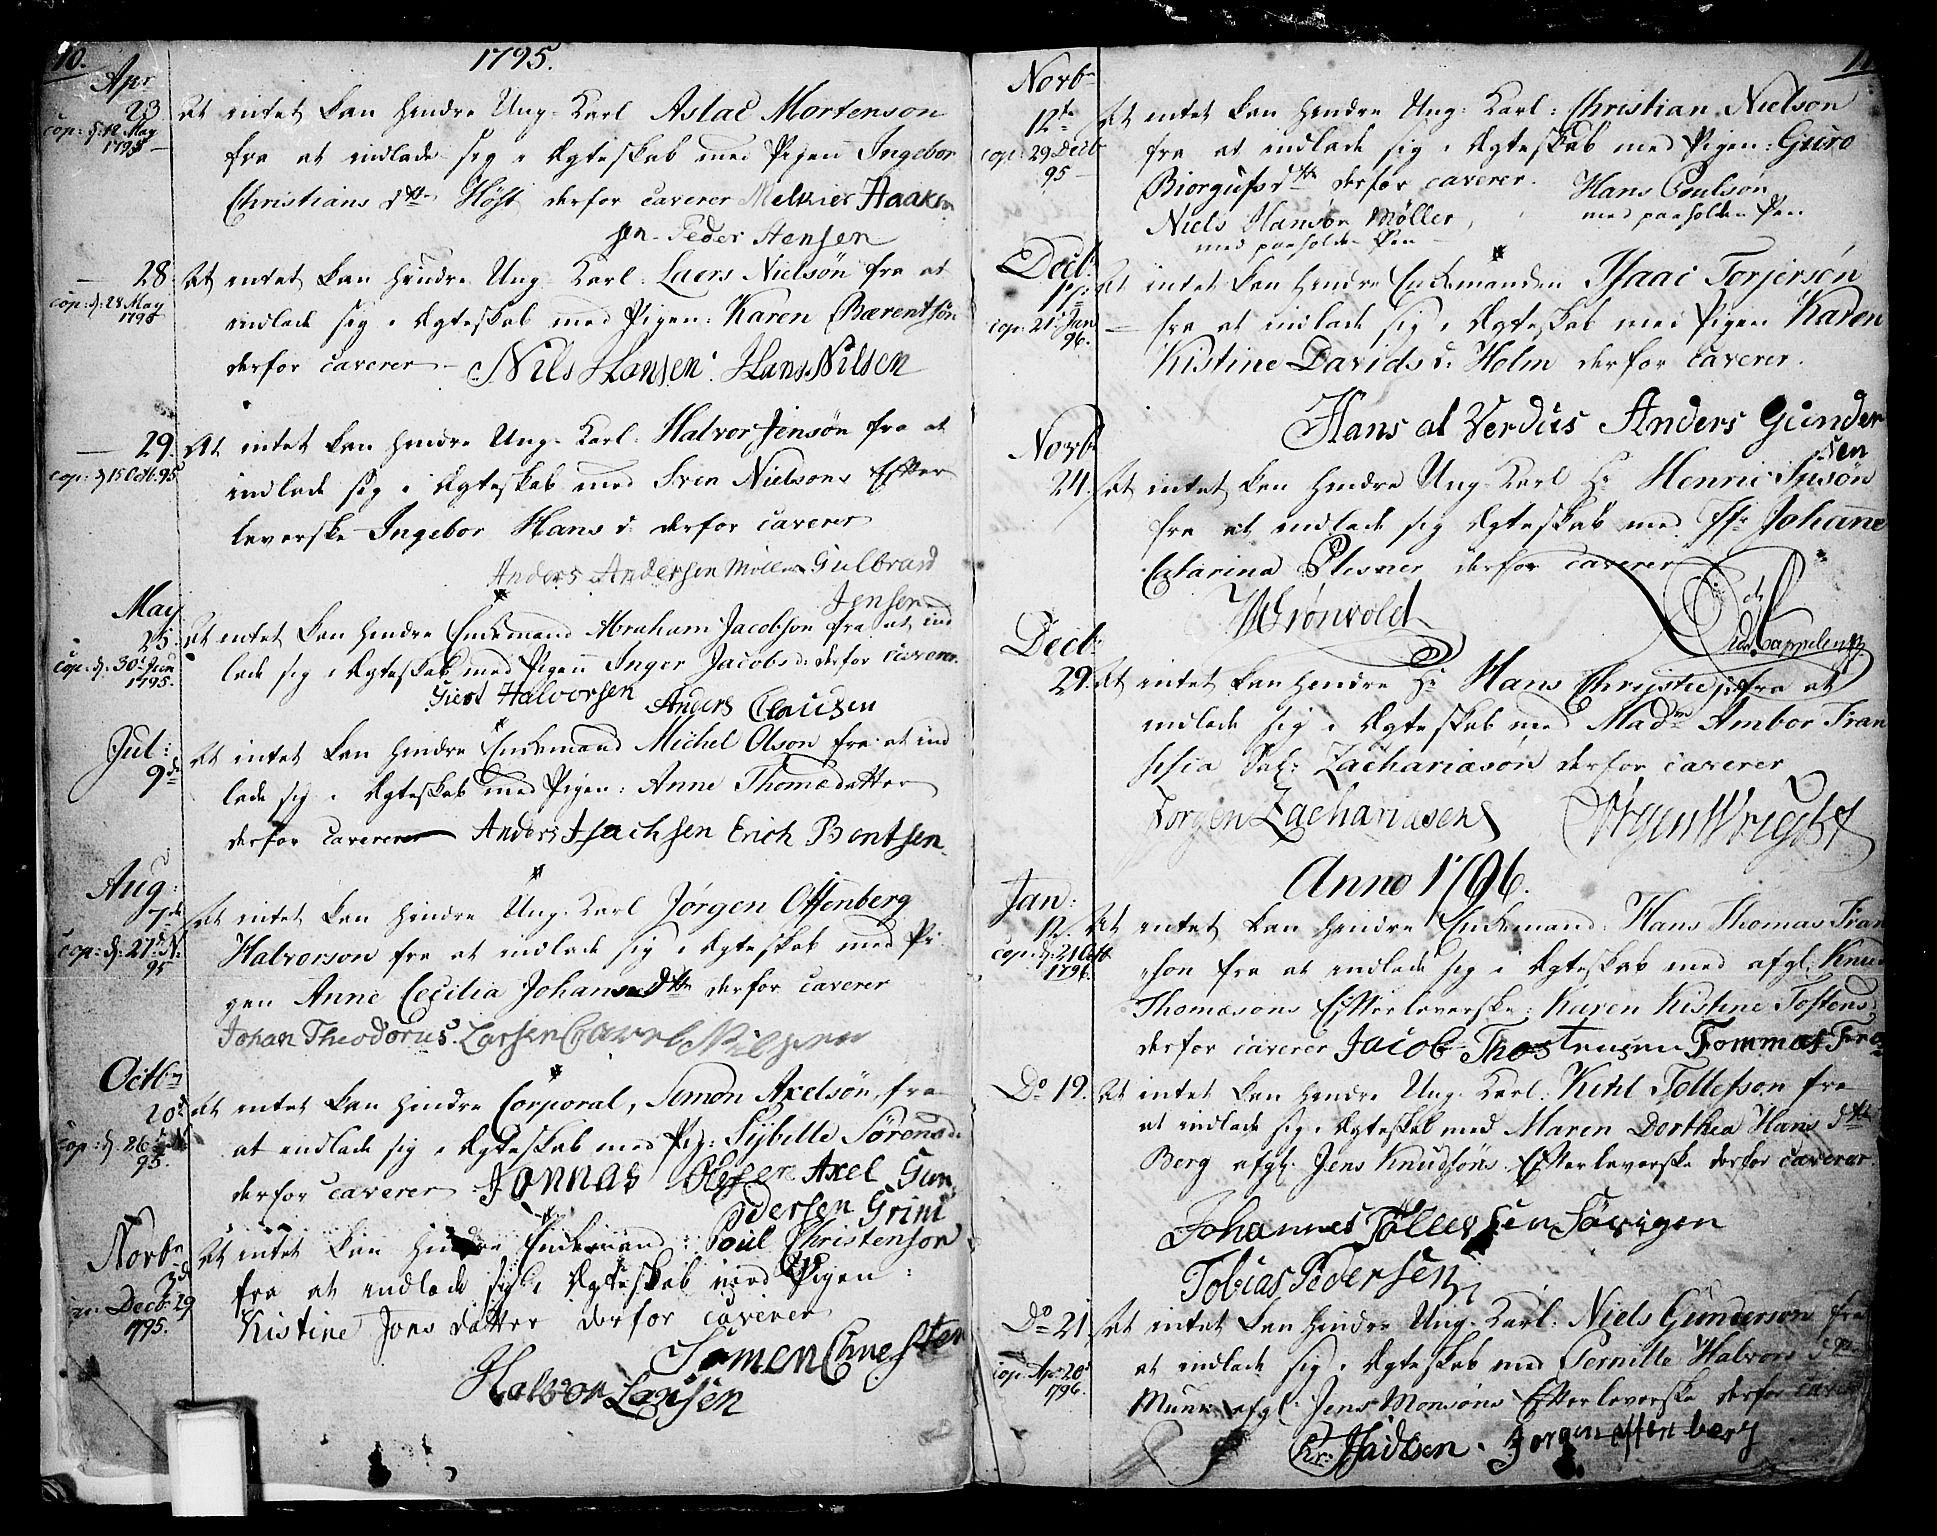 SAKO, Skien kirkebøker, F/Fa/L0004: Ministerialbok nr. 4, 1792-1814, s. 10-11